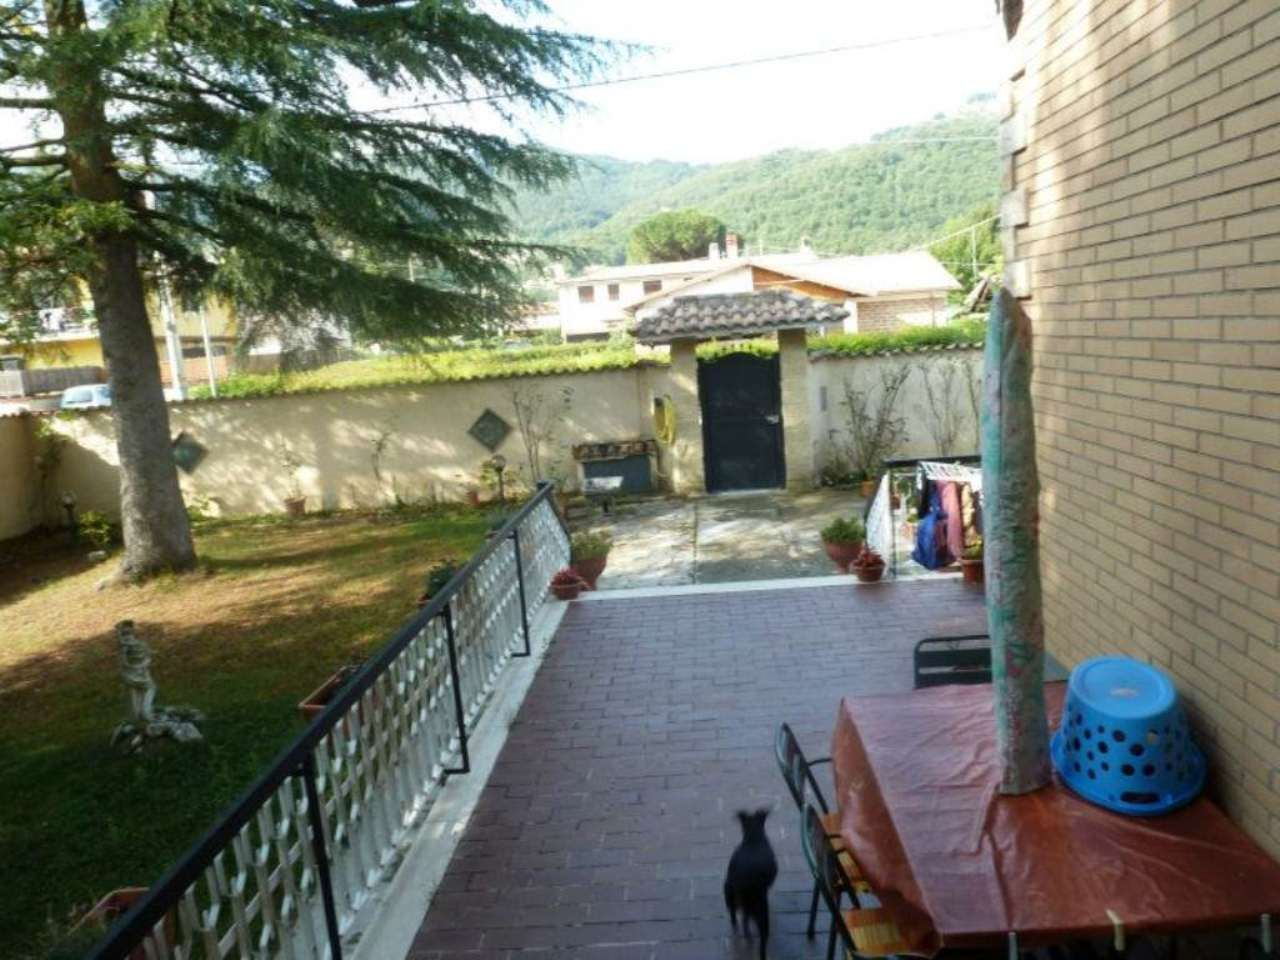 Rocca di Botte Vendita VILLA UNIFAMILIARE Immagine 4